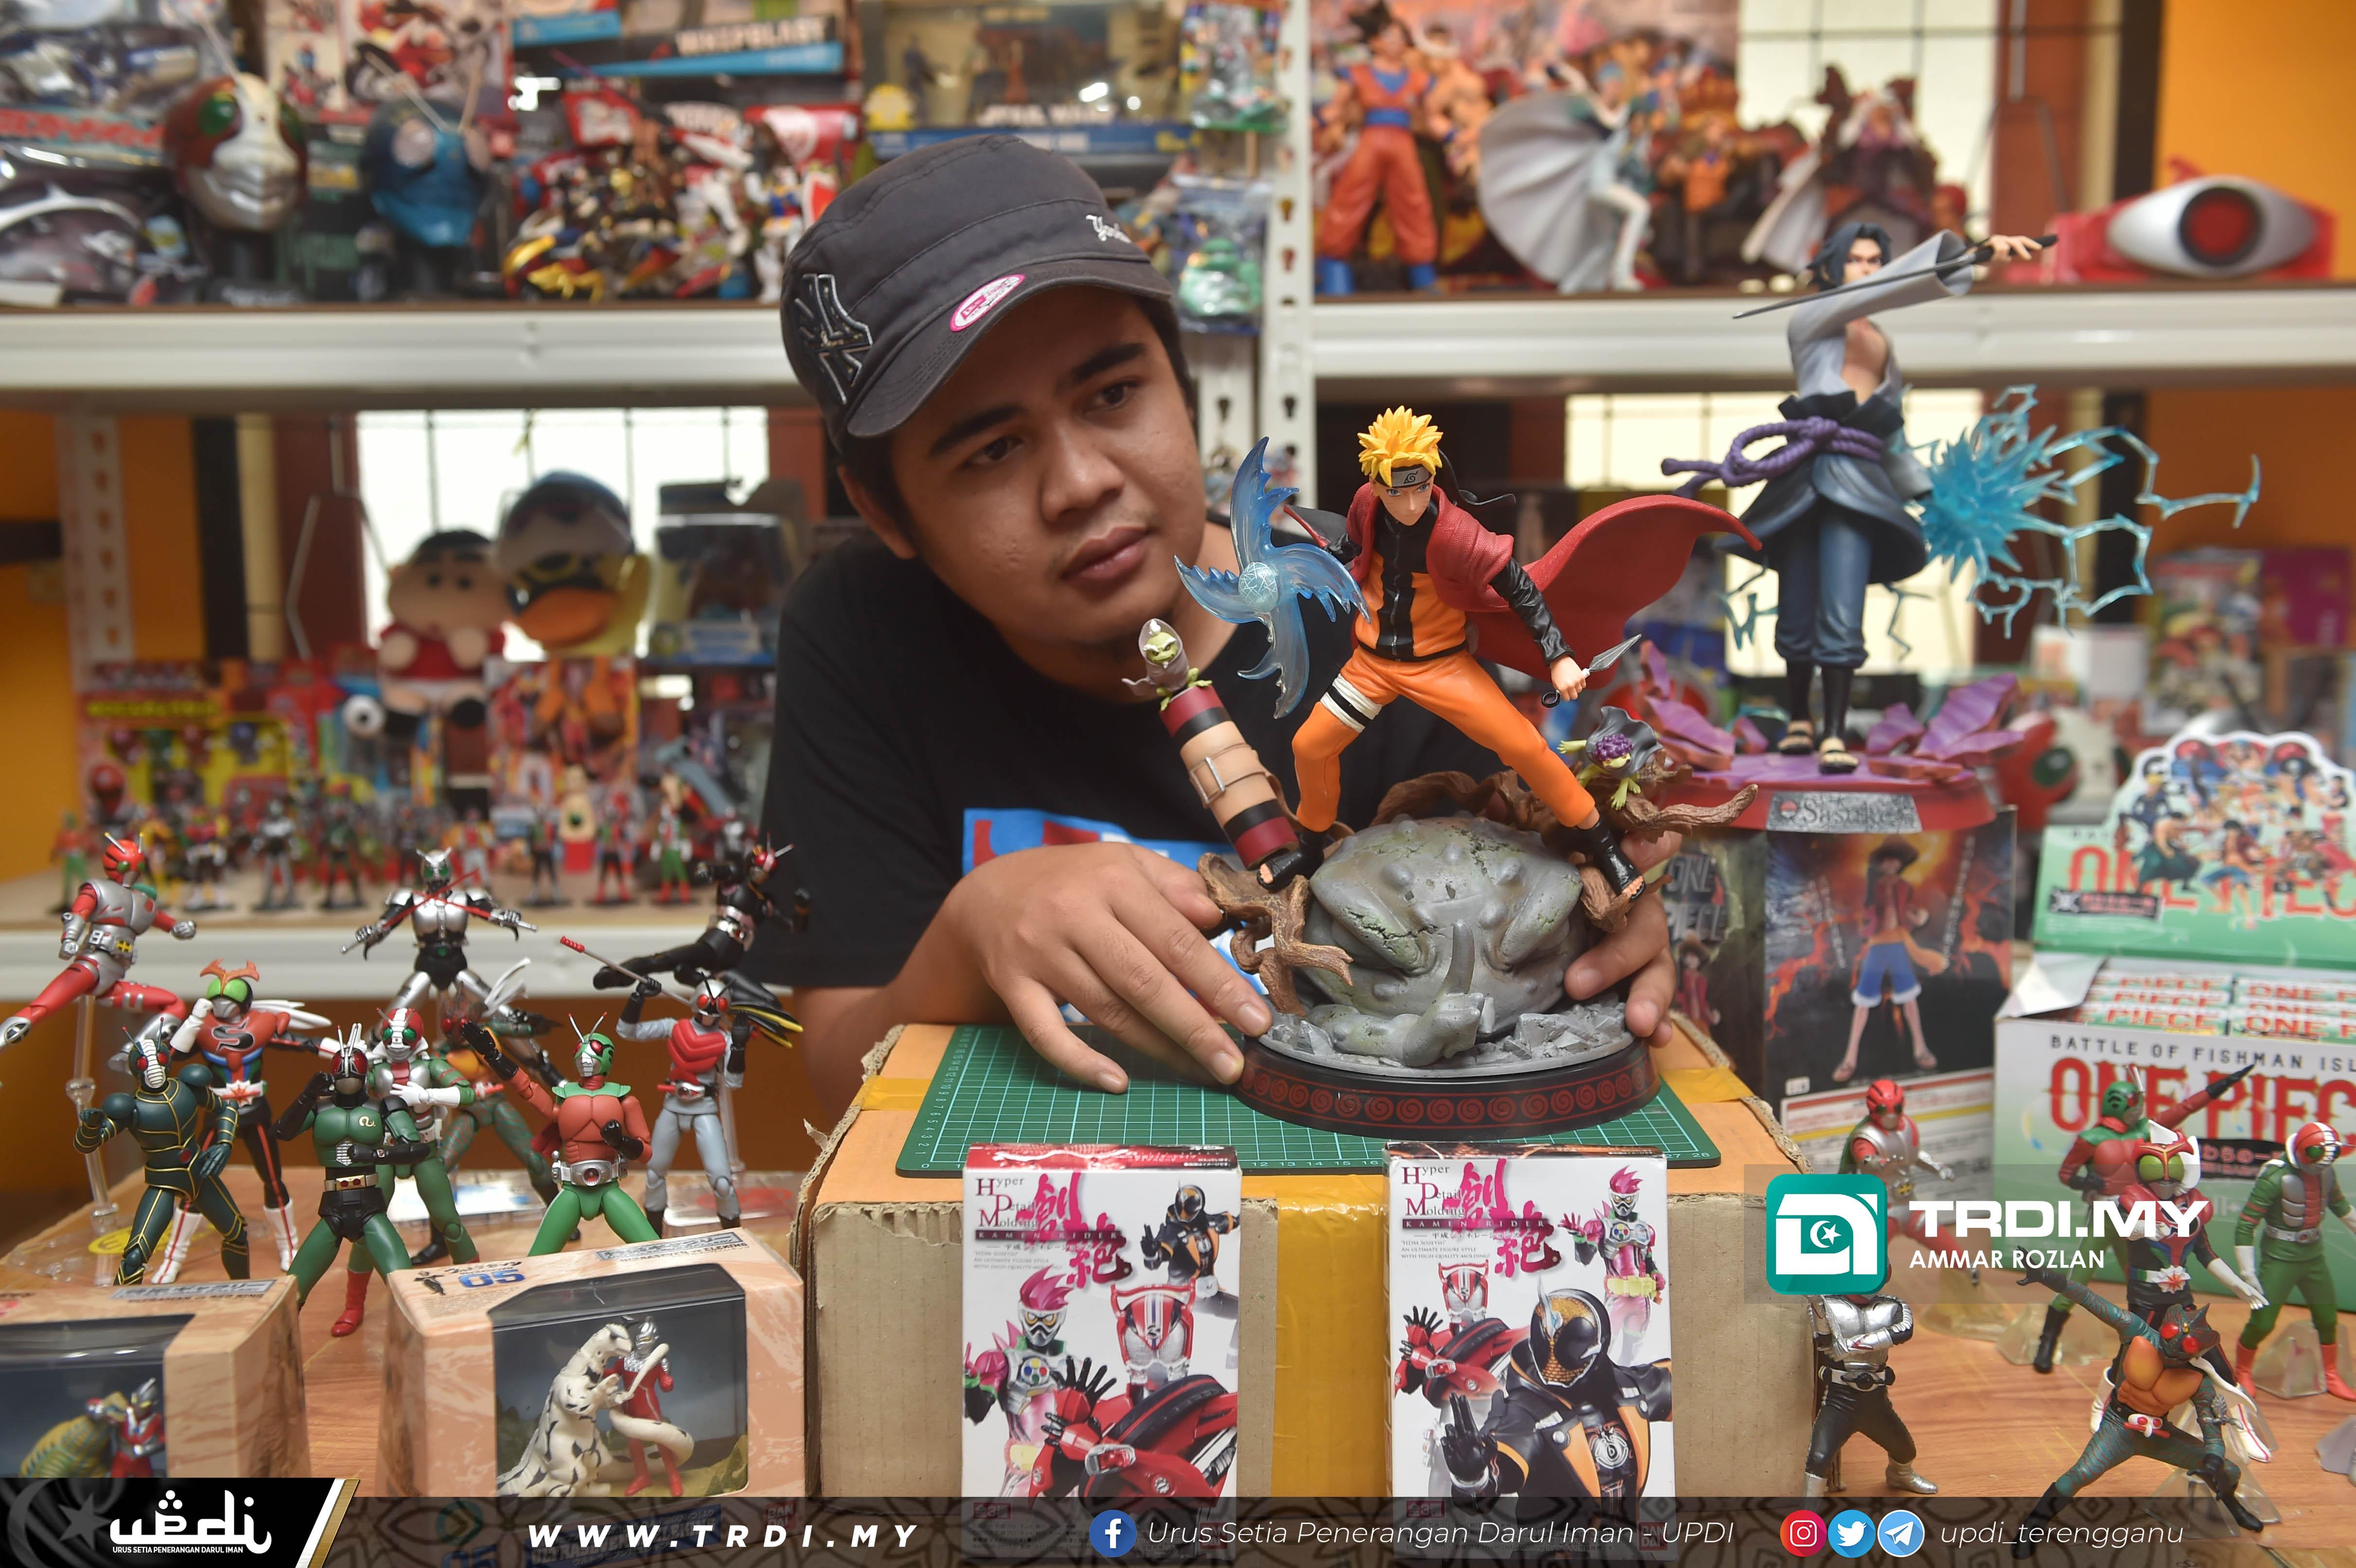 Pok-Ren-Saudagar-Mainan Facebook Live